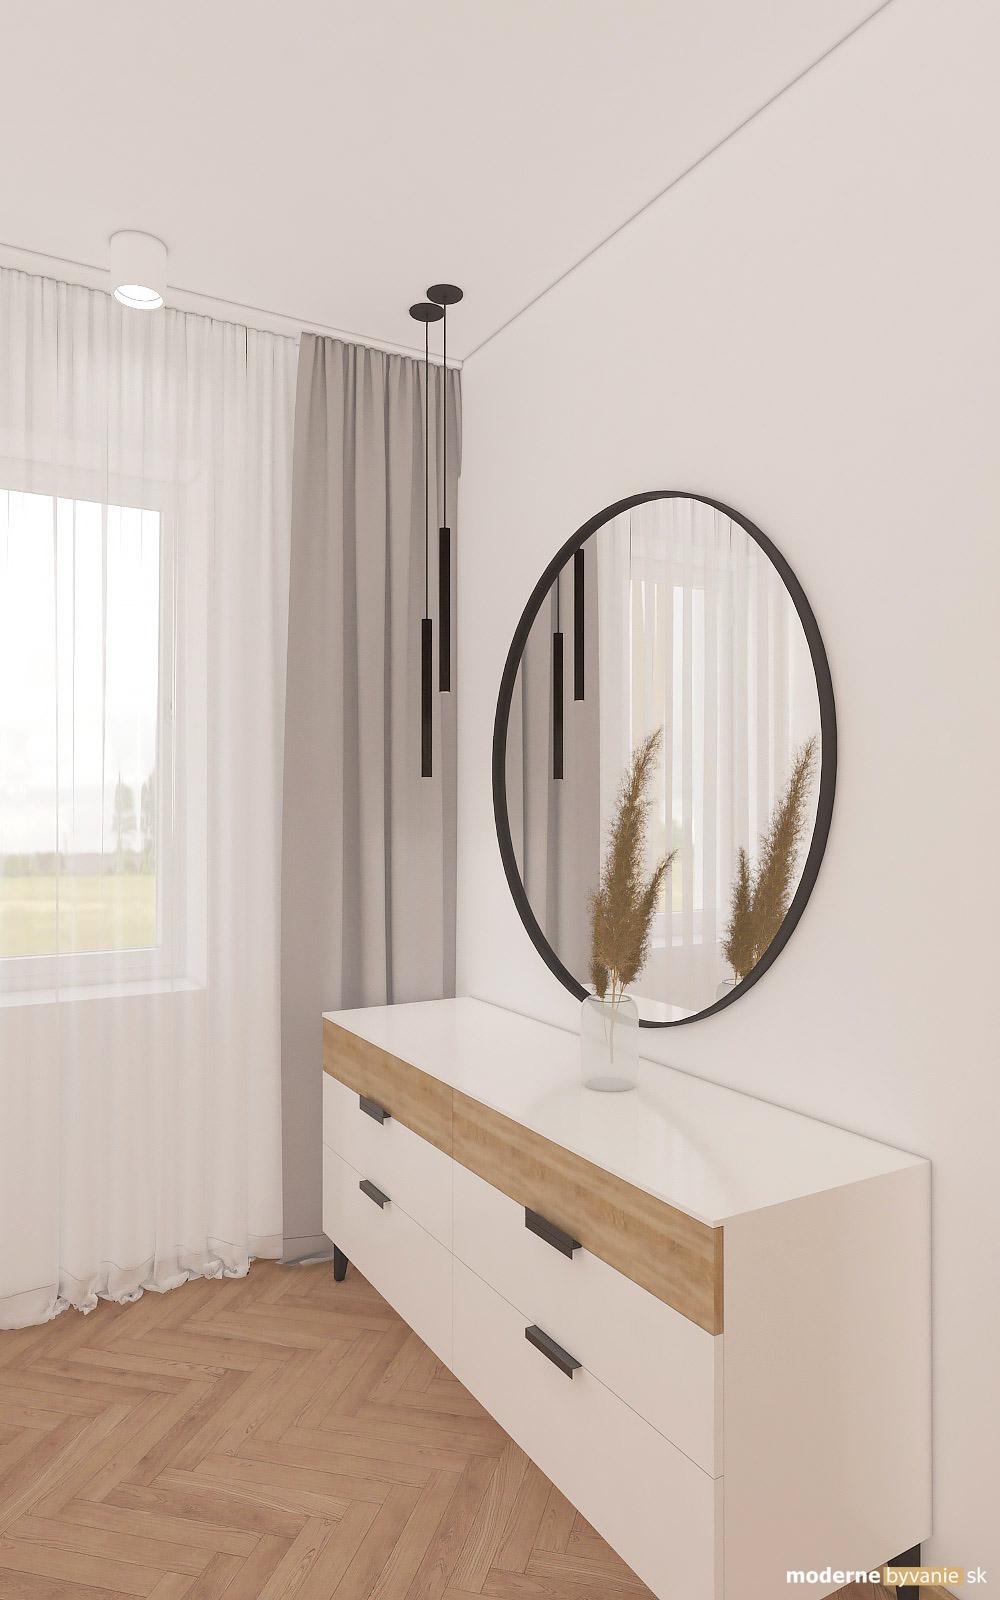 Návrh interiéru-Šatník-Návrh interiéru domu v Cíferi